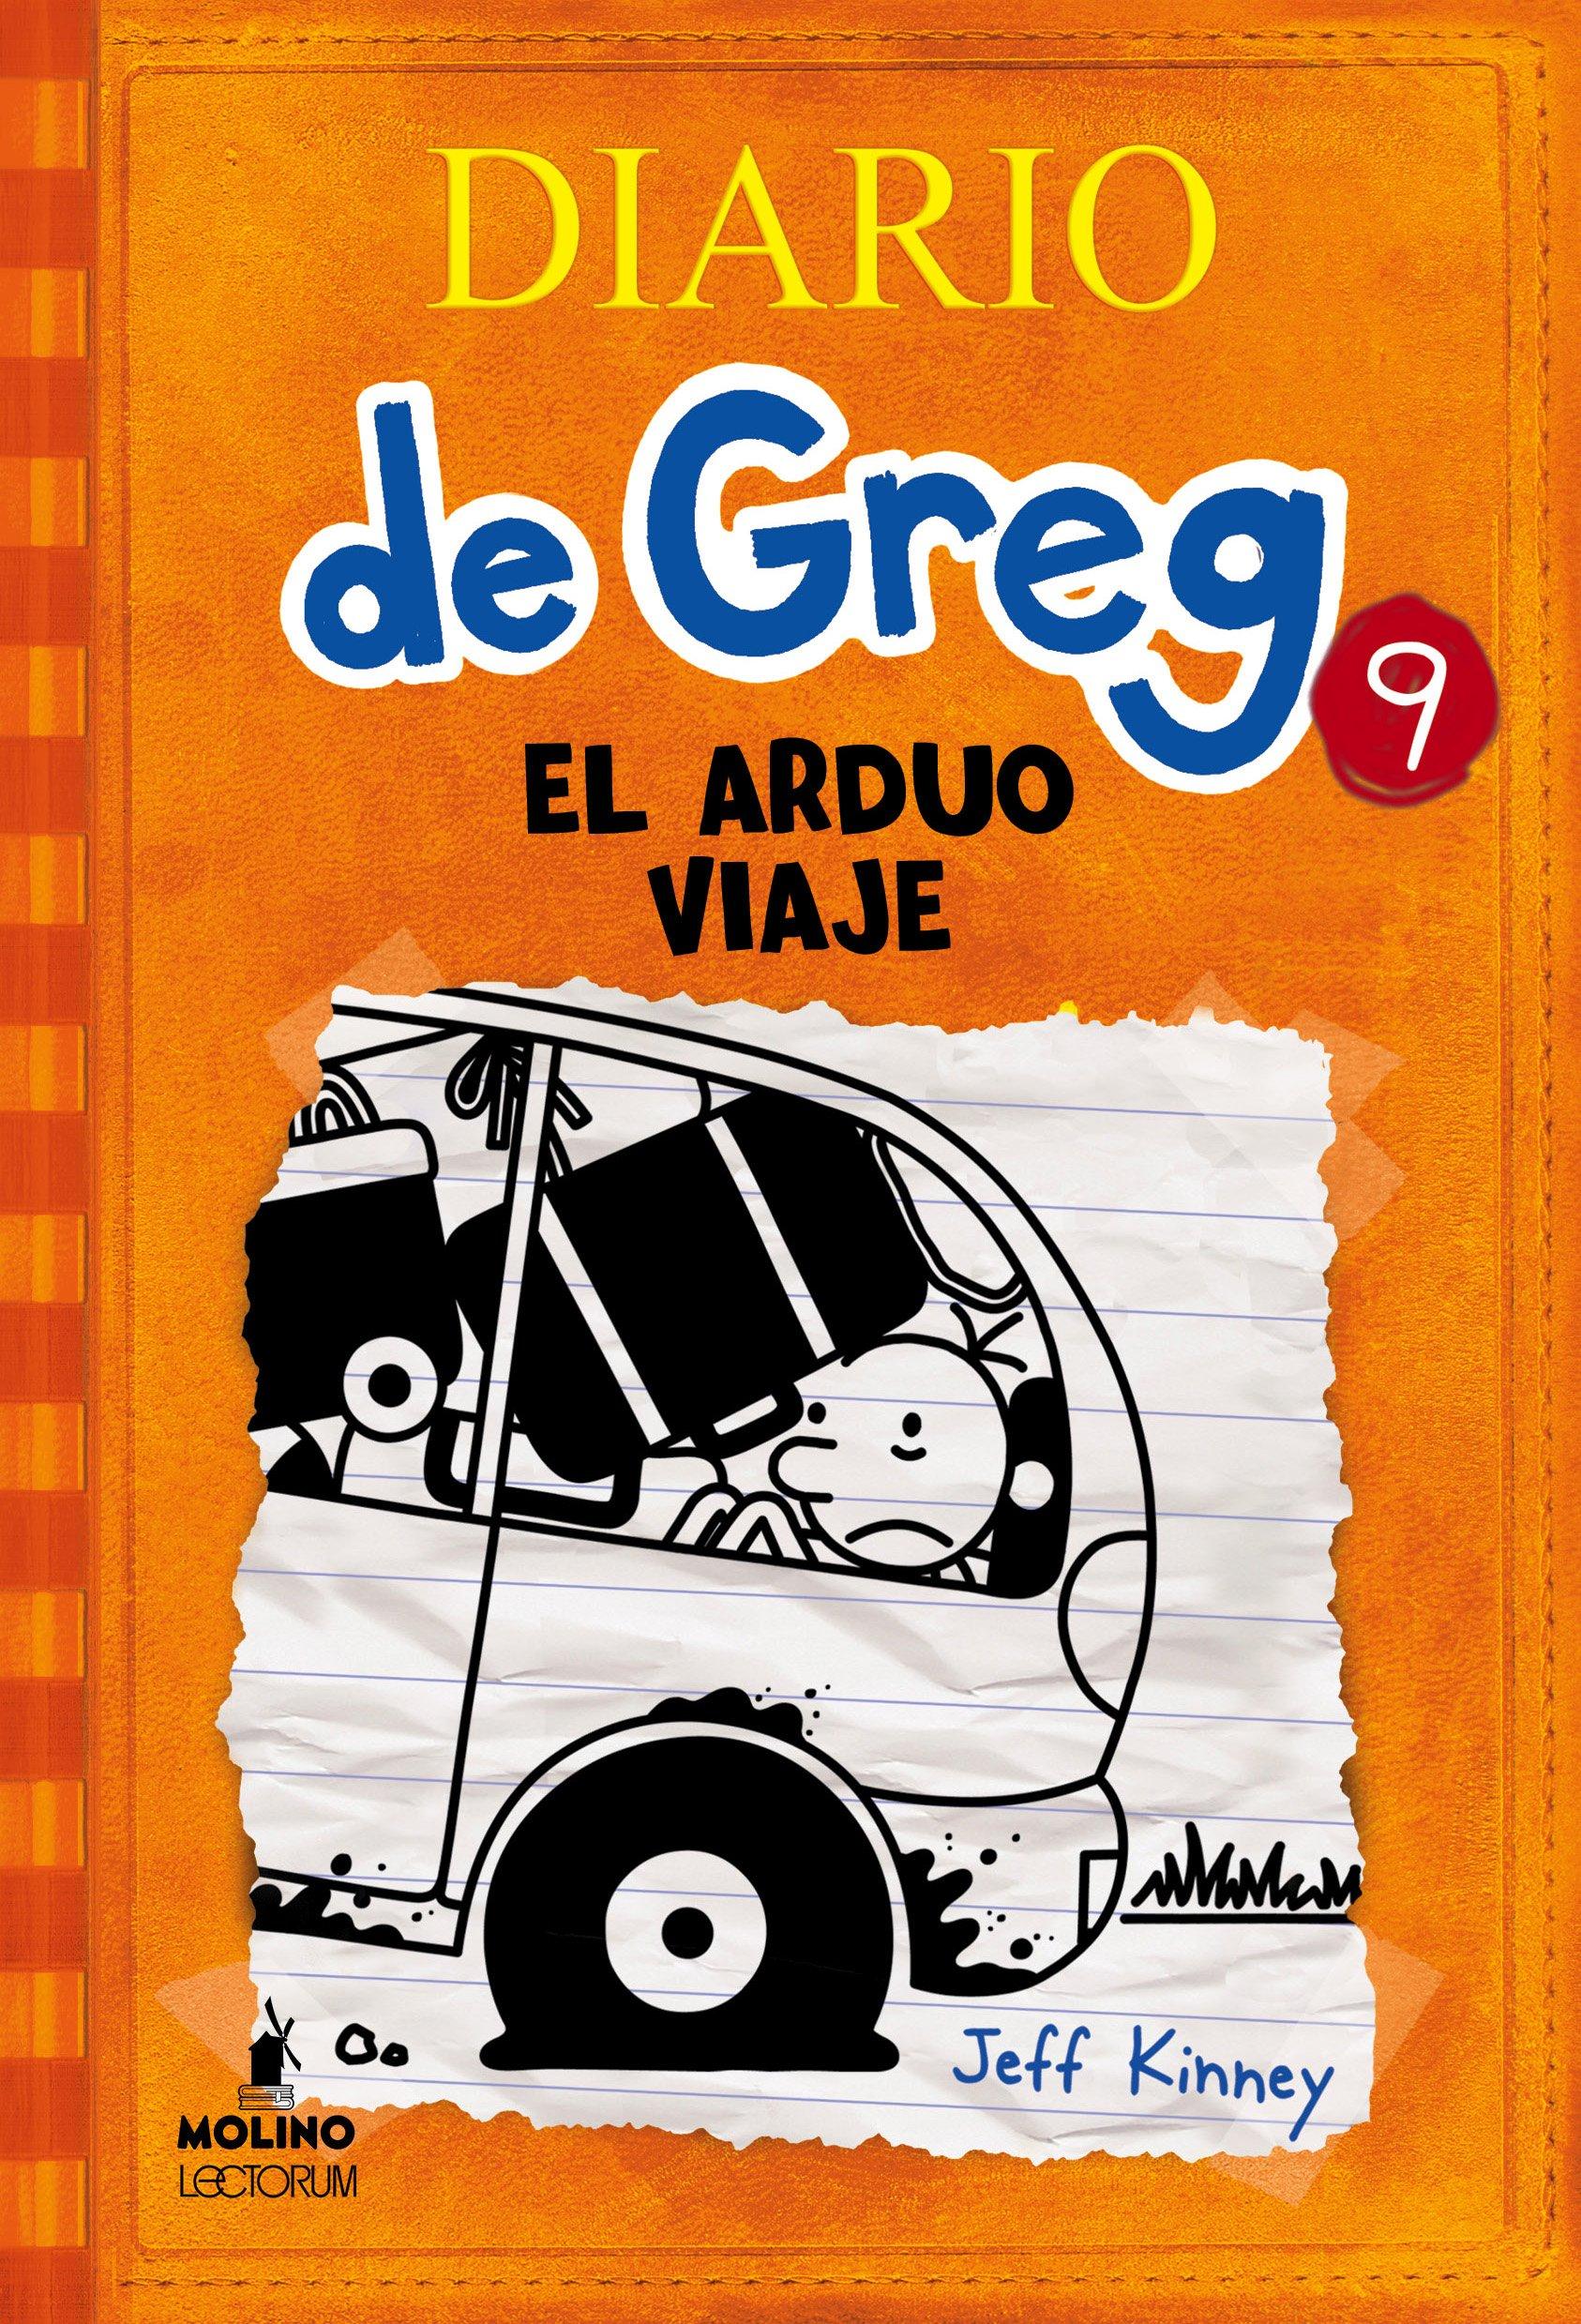 Download Diario de Greg # 9: El arduo viaje (Spanish Edition) PDF